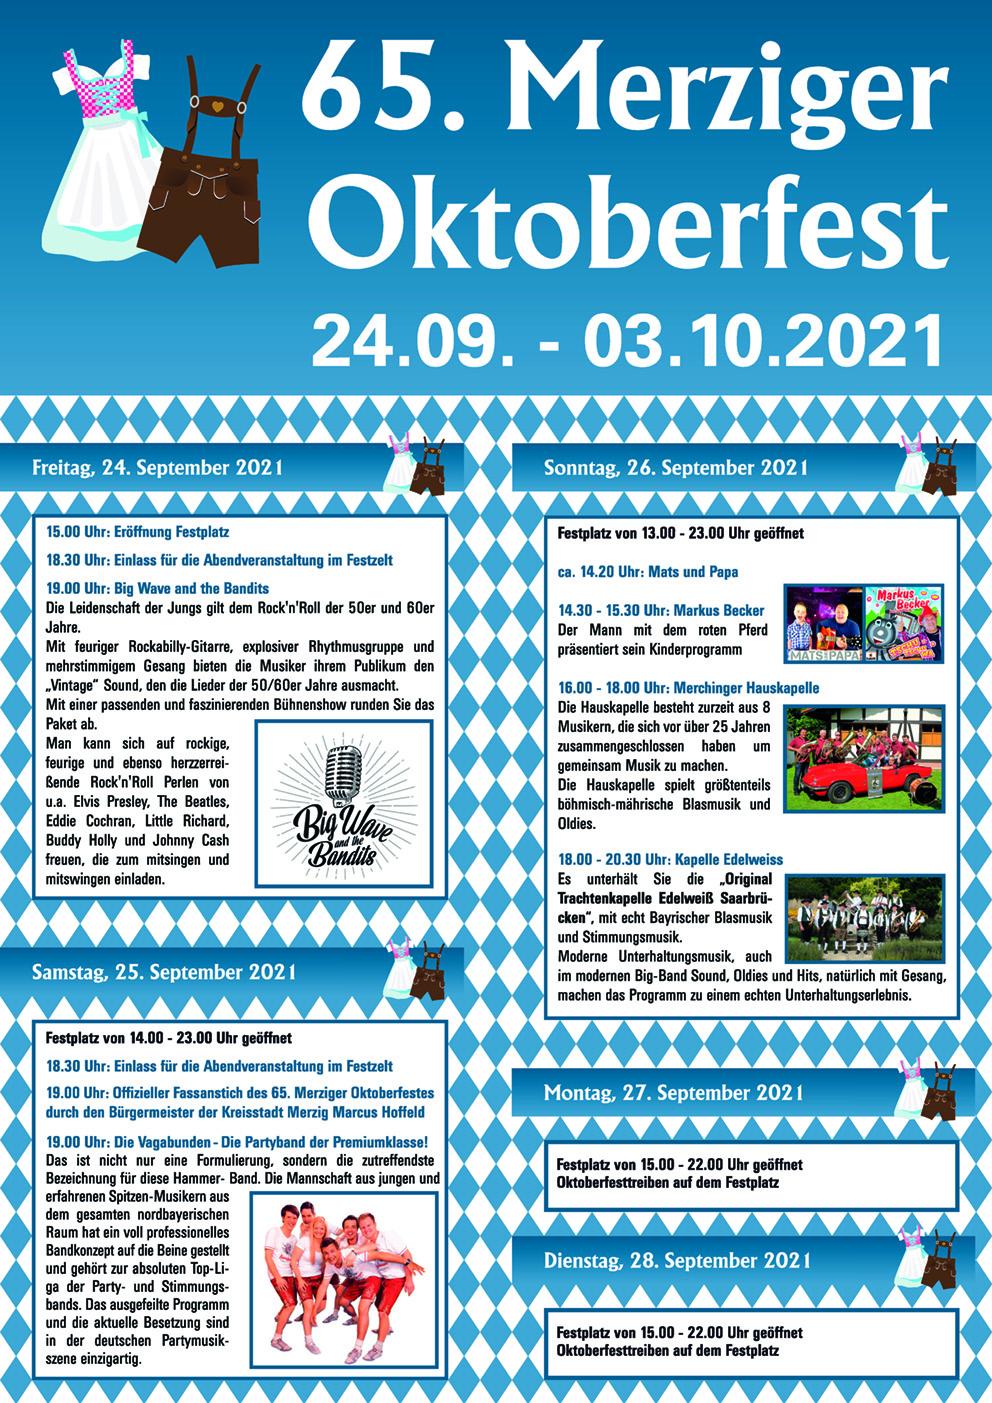 65. Merziger Oktoberfest 2021